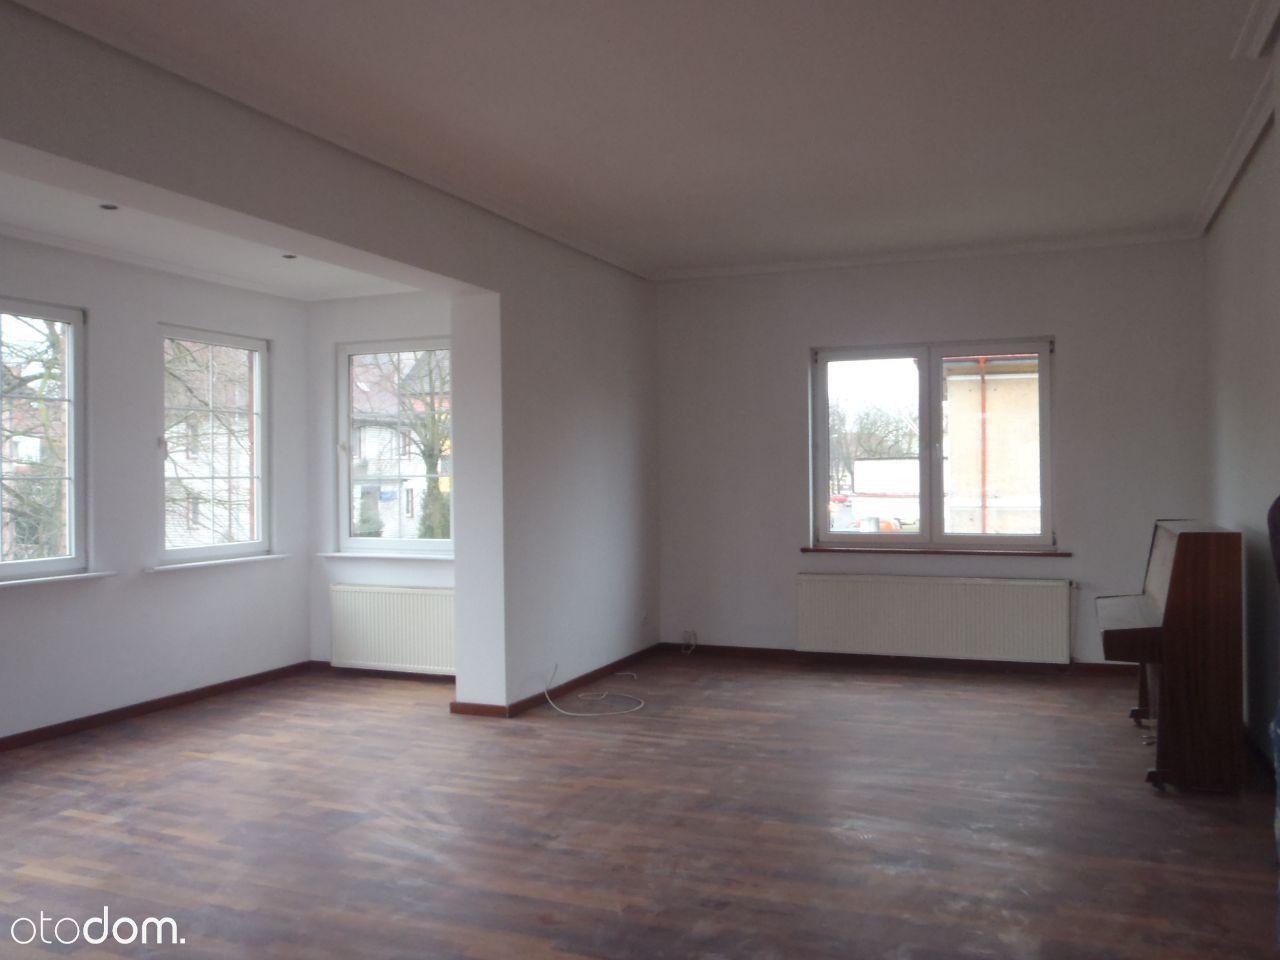 Mieszkanie na I piętrze w Kamienicy